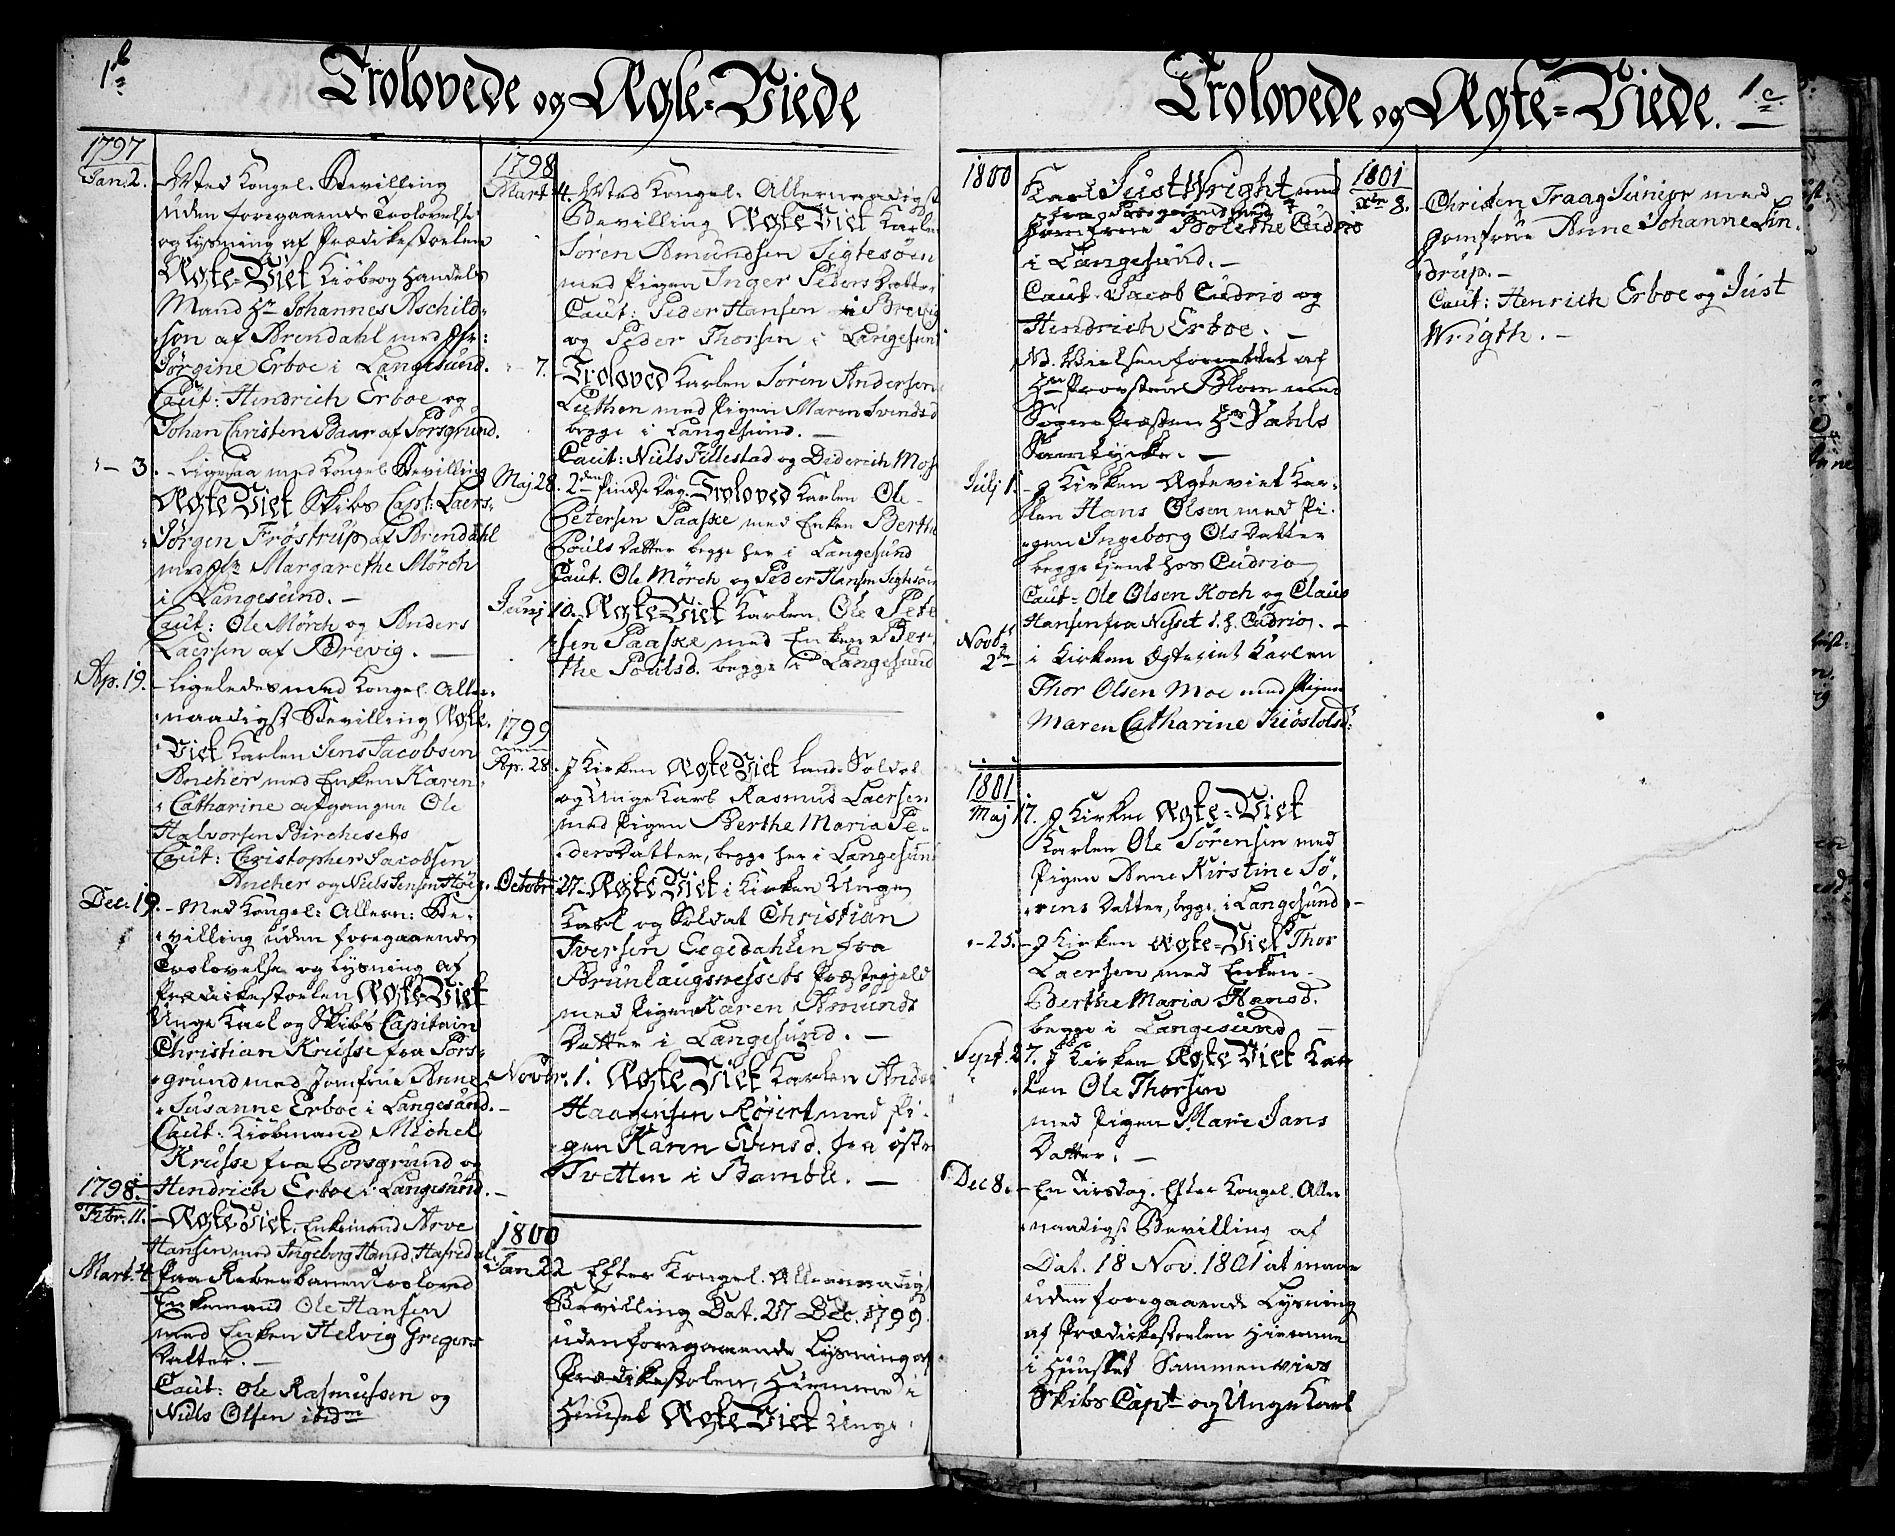 SAKO, Langesund kirkebøker, G/Ga/L0001: Klokkerbok nr. 1, 1783-1801, s. 1